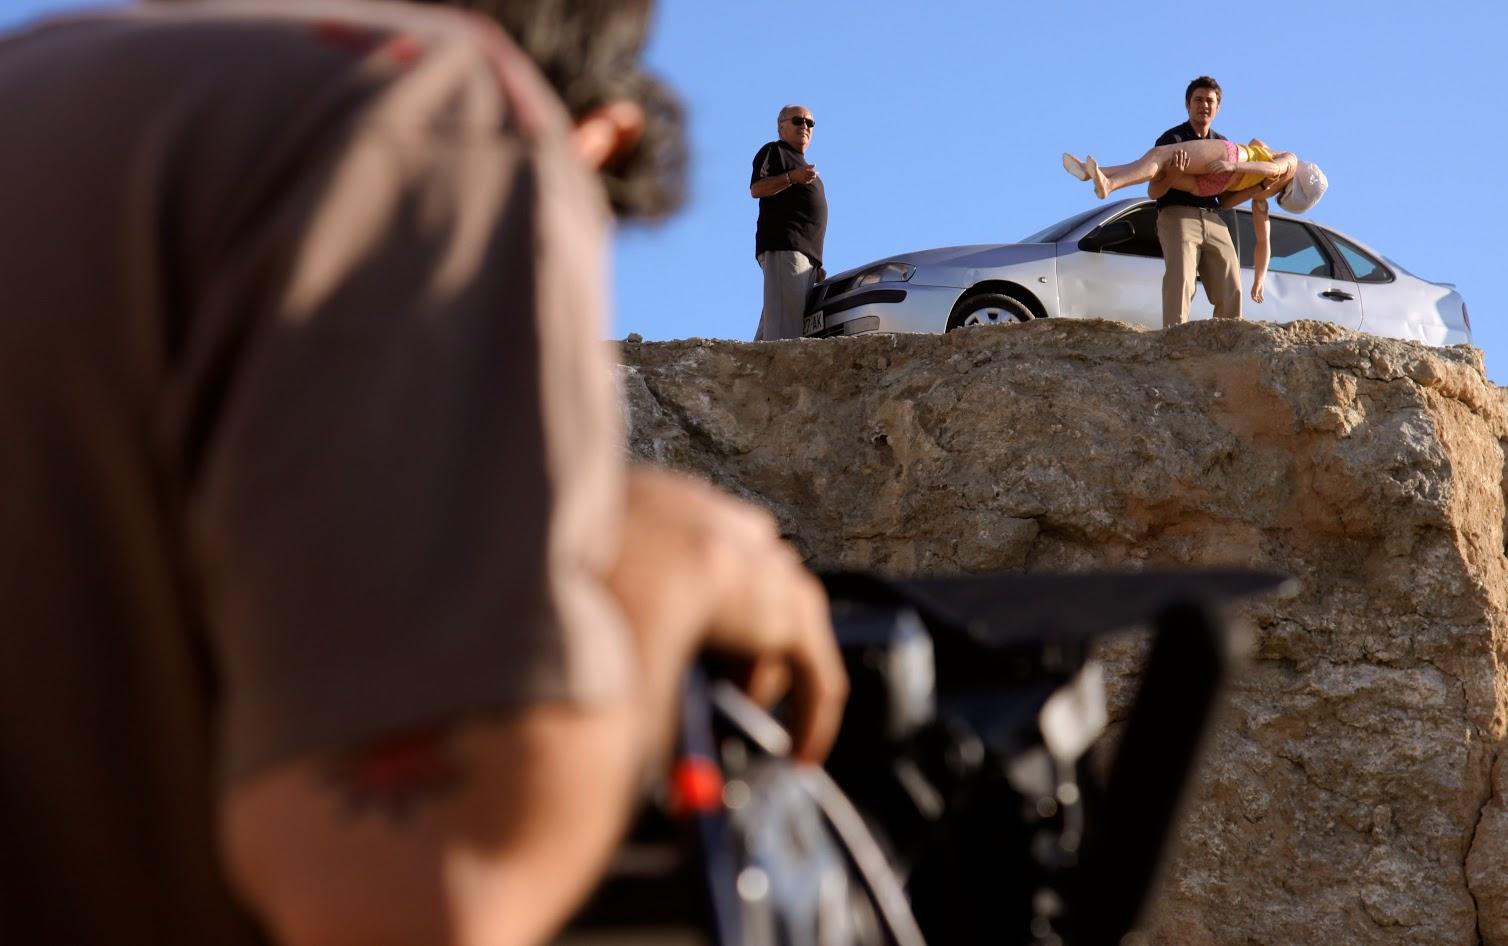 víctor tejedor navares, director de fotografía de El asesino dentro del círculo, rodando con Pedro Costa y Roger Coma